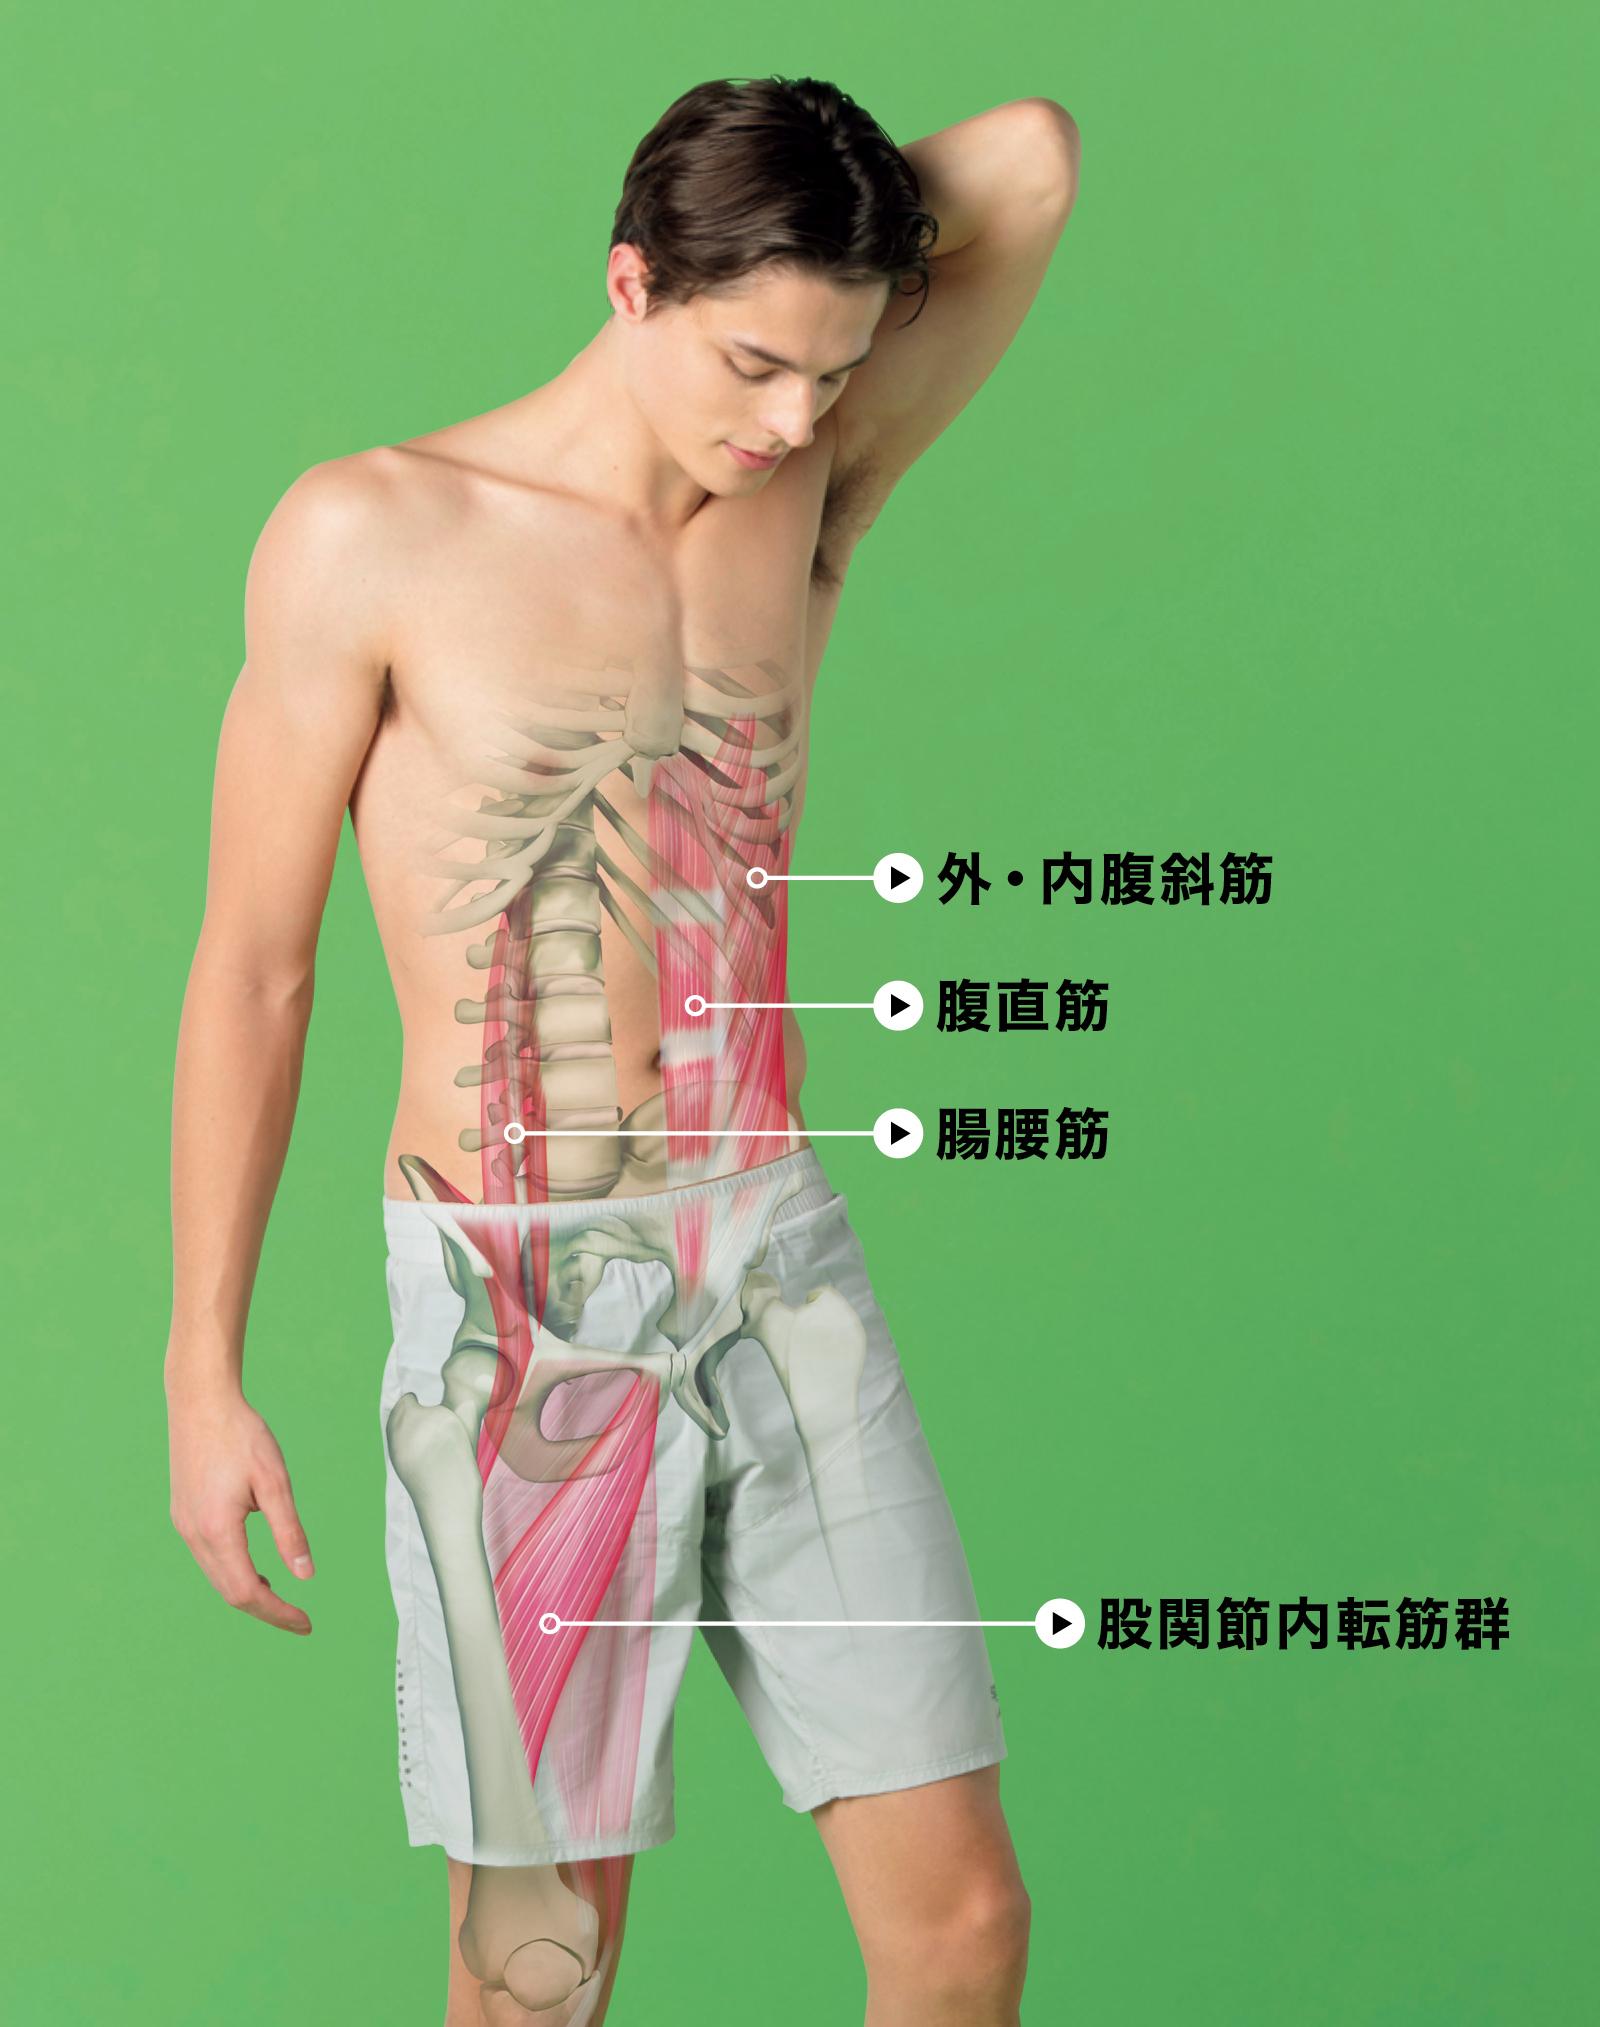 腰痛はなぜ起こる? 腰痛のメカニズム